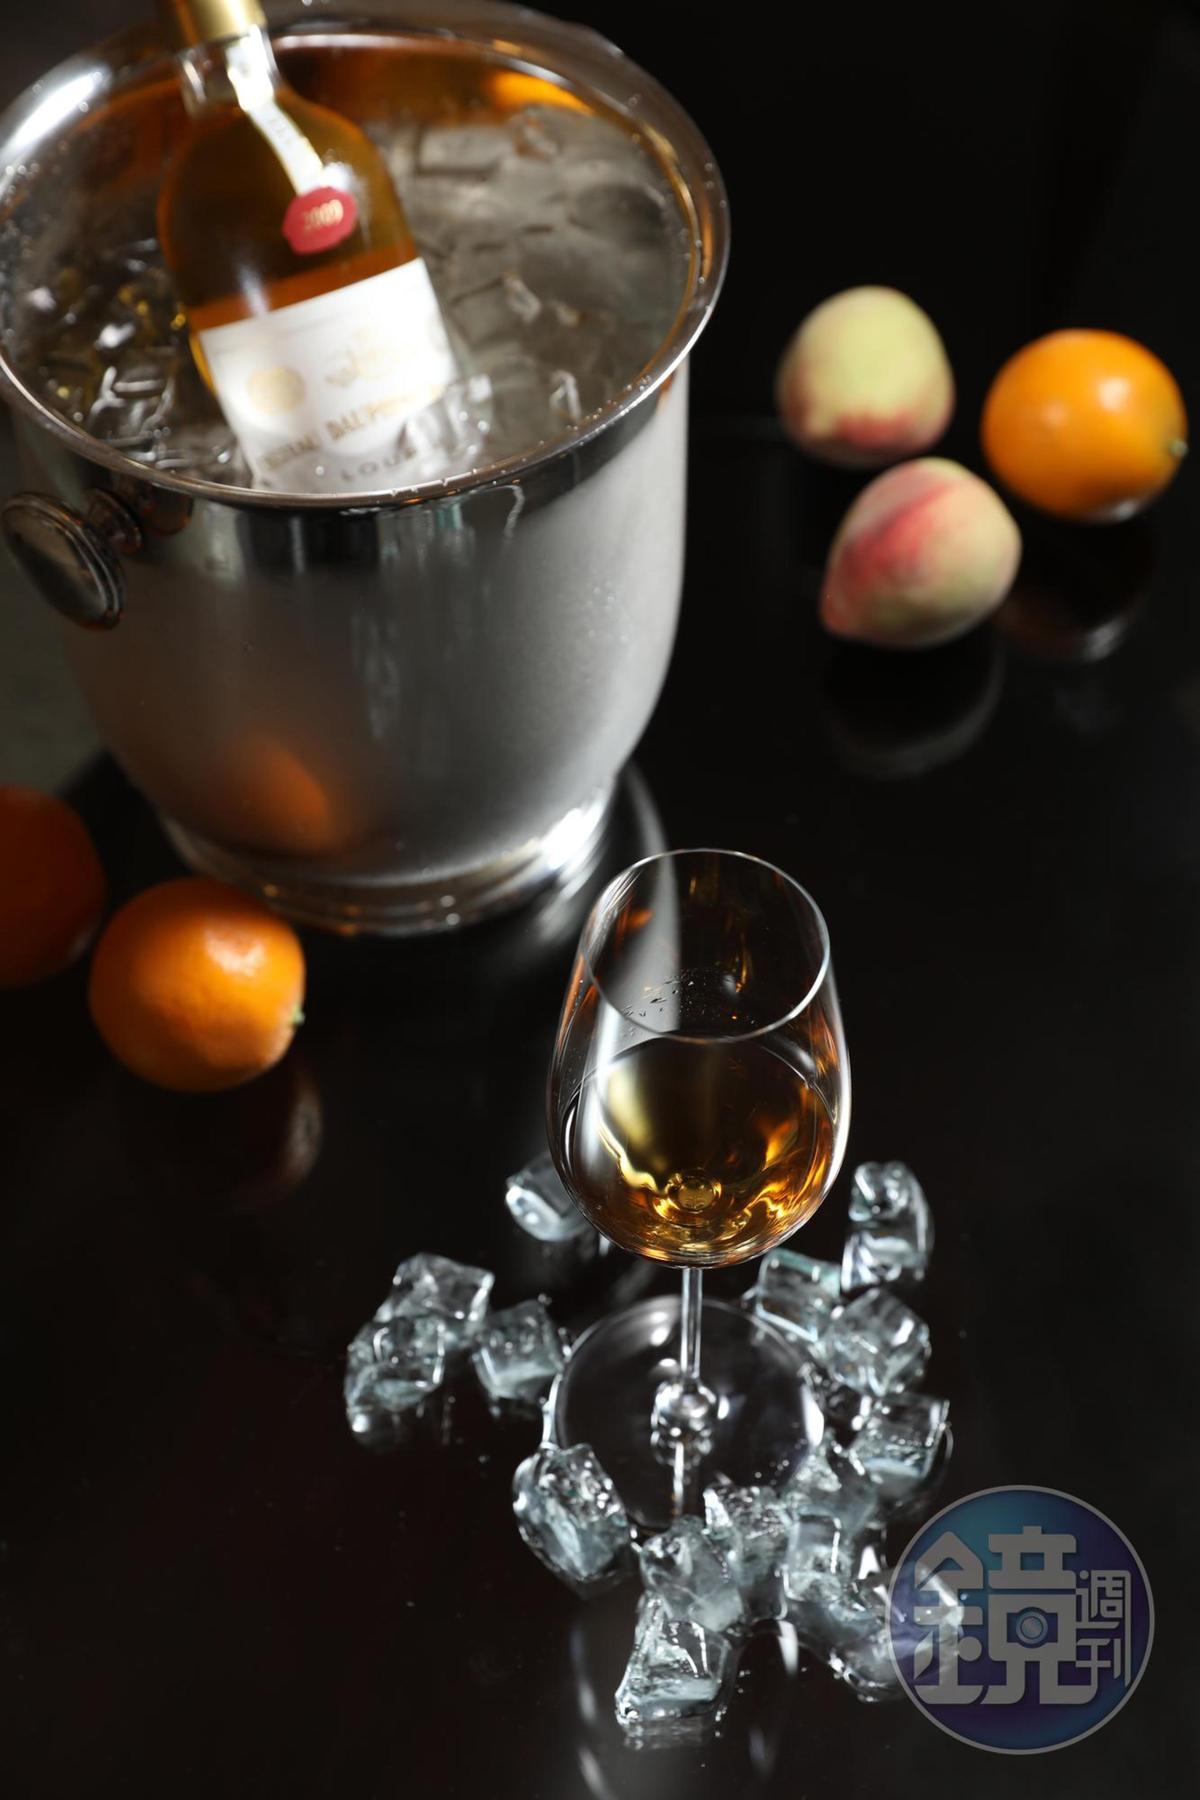 甜點酒「 Cuvée d'Or du Château Dauphiné-Rondillon Loupiac」,帶有濃郁柑橘醬甜味,為餐酒會帶來有力道的甜蜜收尾。(25,000元客座餐酒套餐酒款)